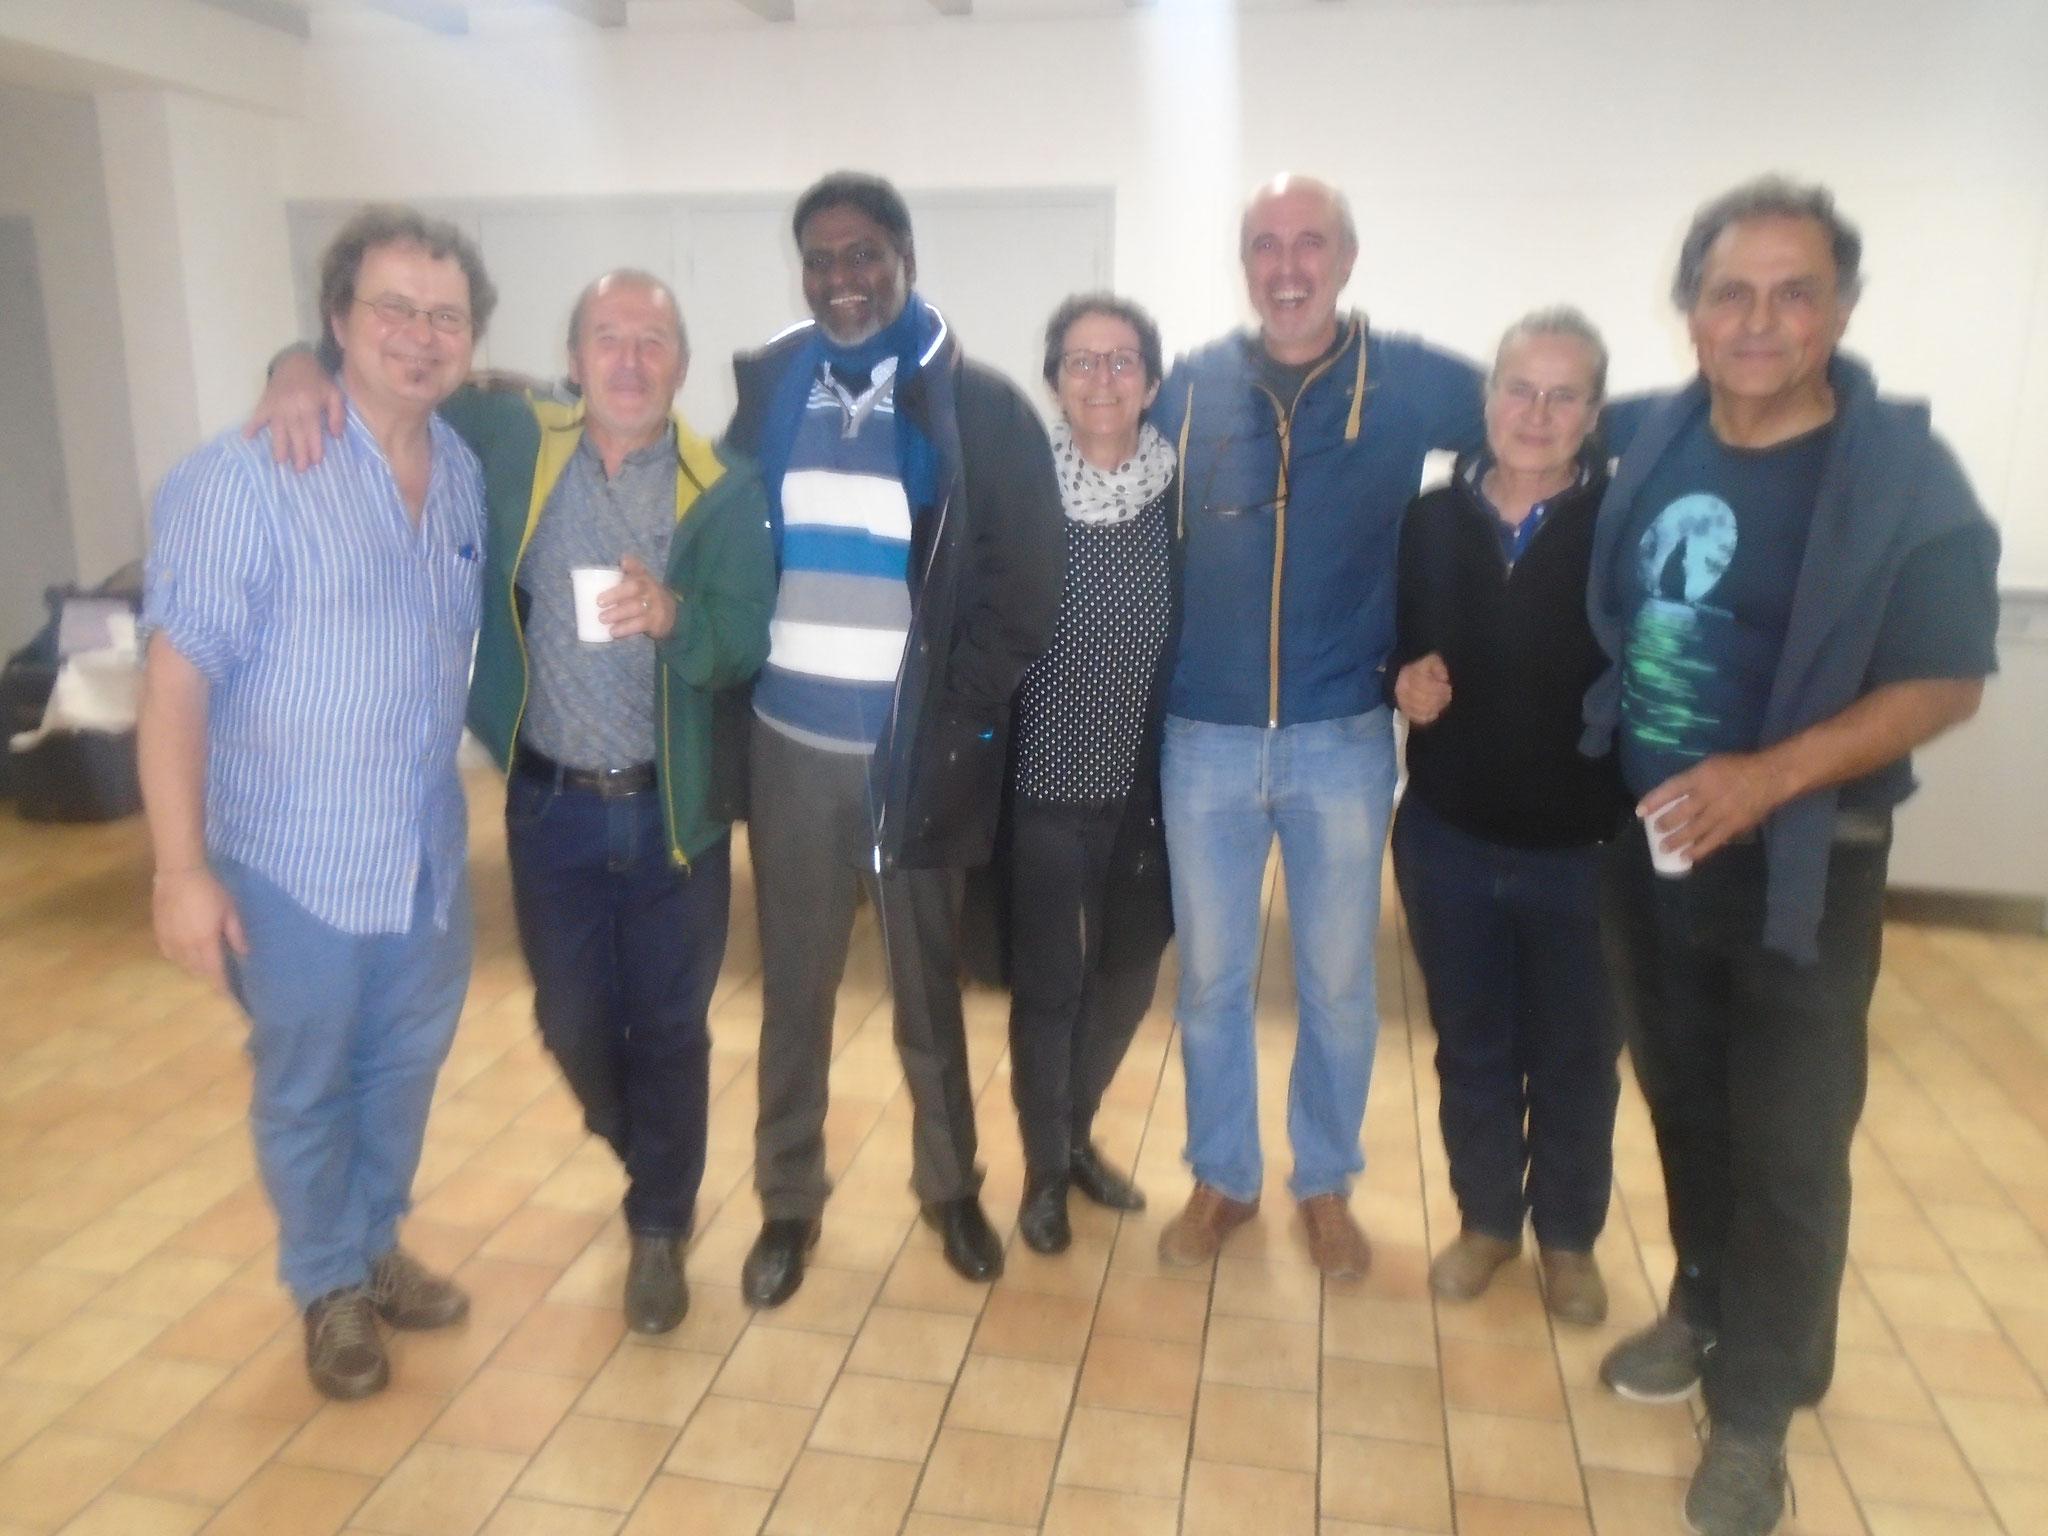 Une partie de l'équipe Indio Anai - Pello, Peio, Christine, Jeannot, Dominique et Mizel autour de Rosario et ceux derrière l'objectif : Claudine, Txomin, Philippe, Mathilde, Pantxo...